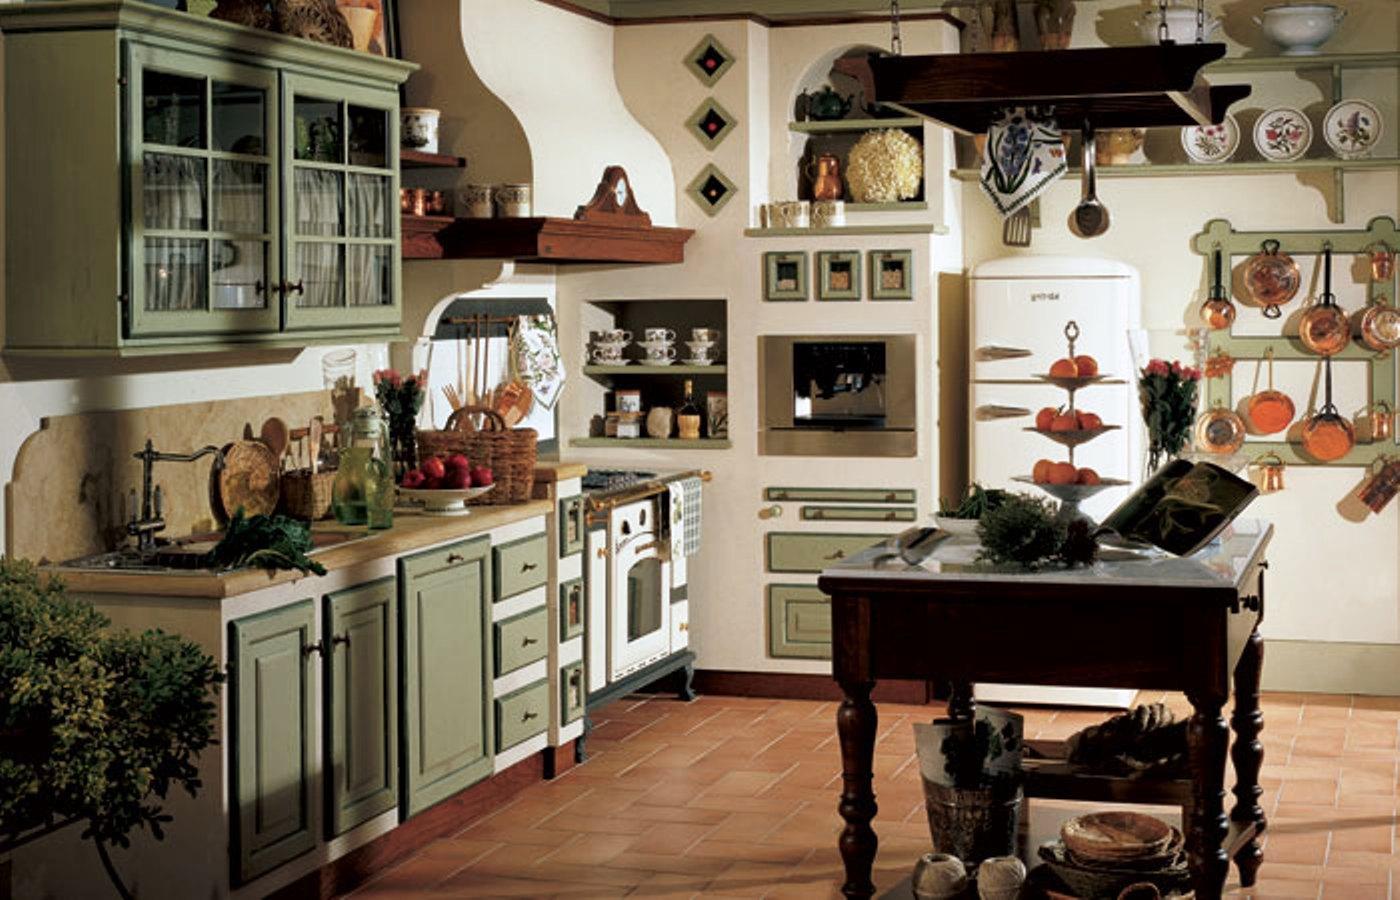 Cucina in muratura - Cucina in muratura country ...